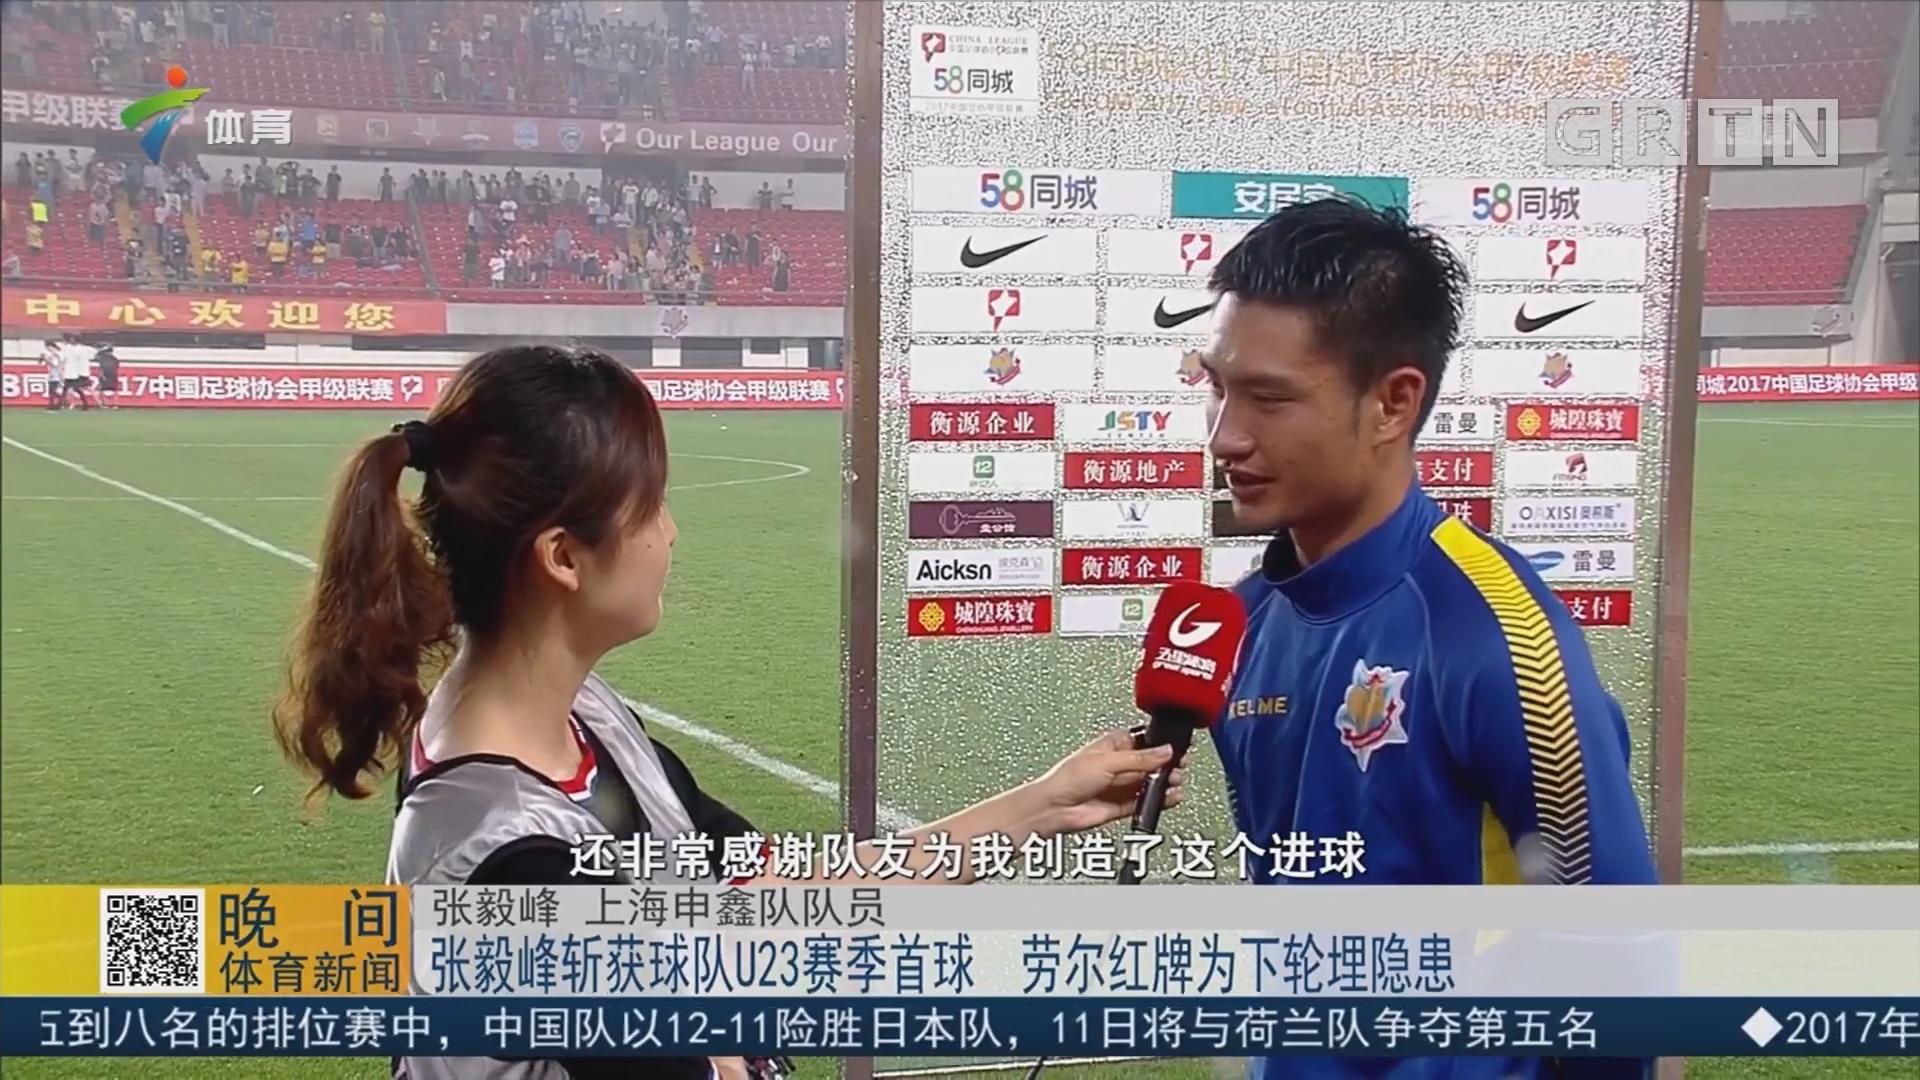 张毅峰斩获中甲U23赛季首球 劳尔红牌为下轮埋隐患